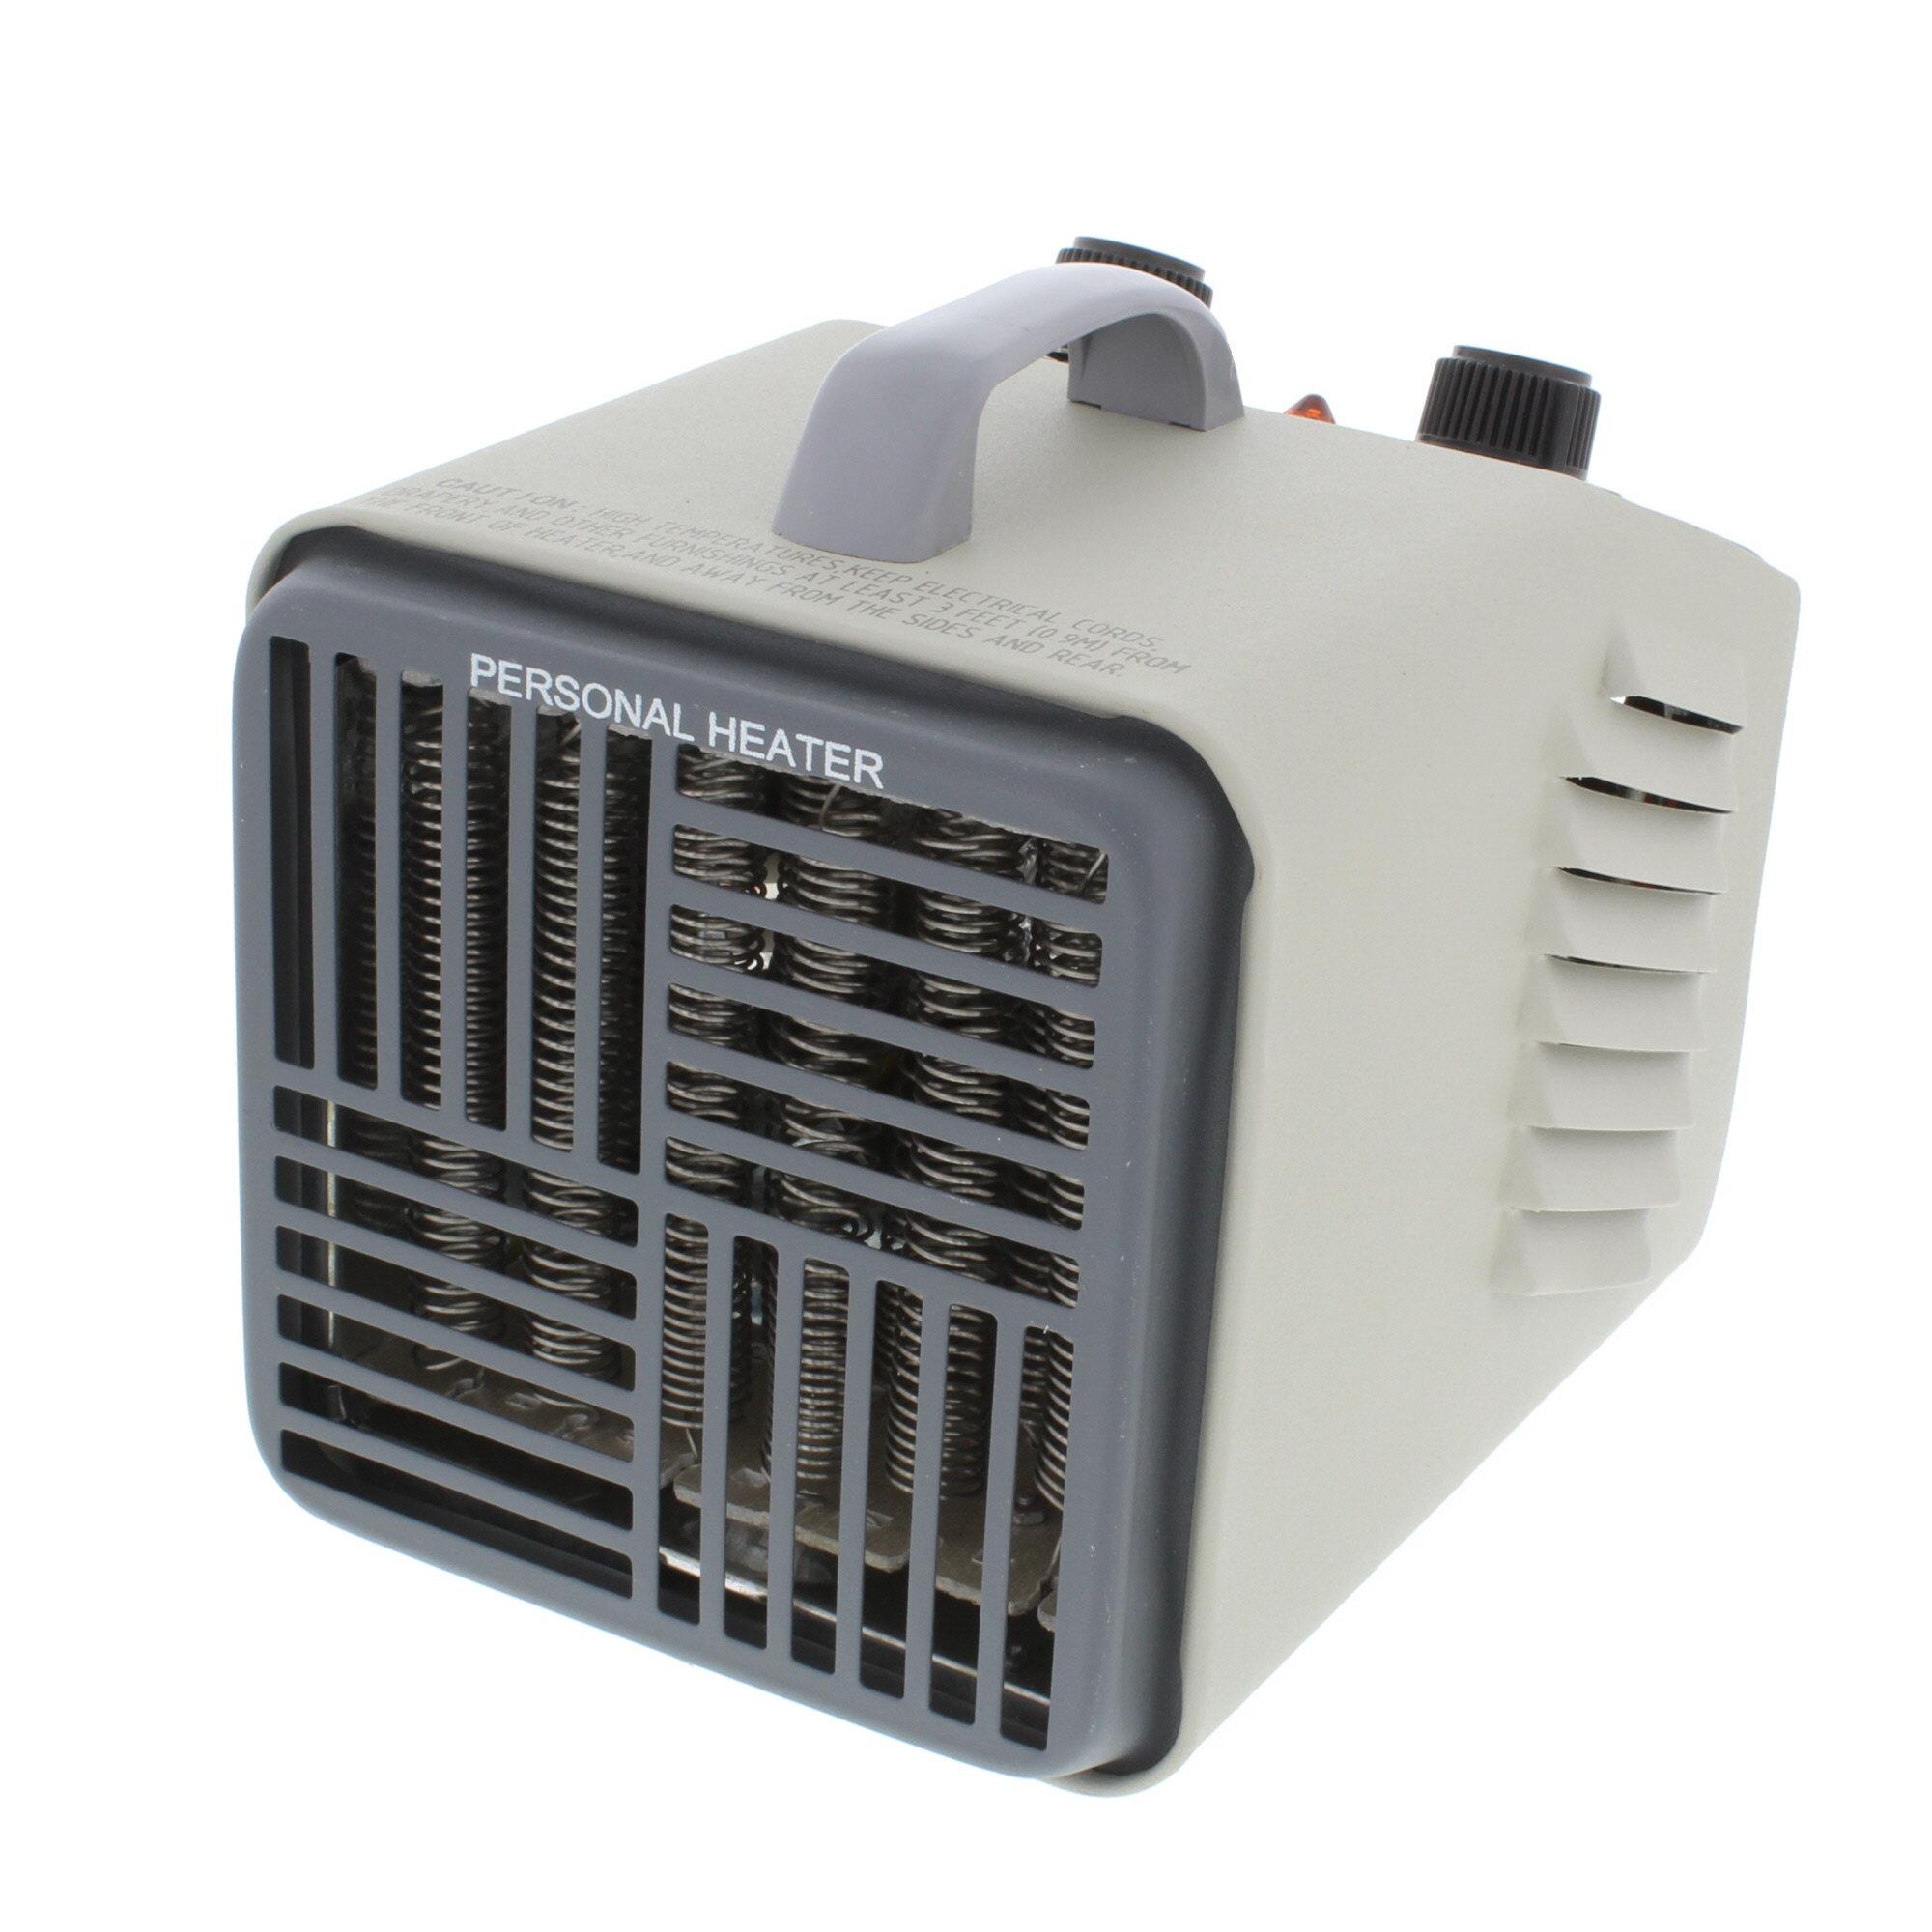 Comfort Zone Personal 1 500 Watt Electric Fan Utility Heater Reviews Wayfair